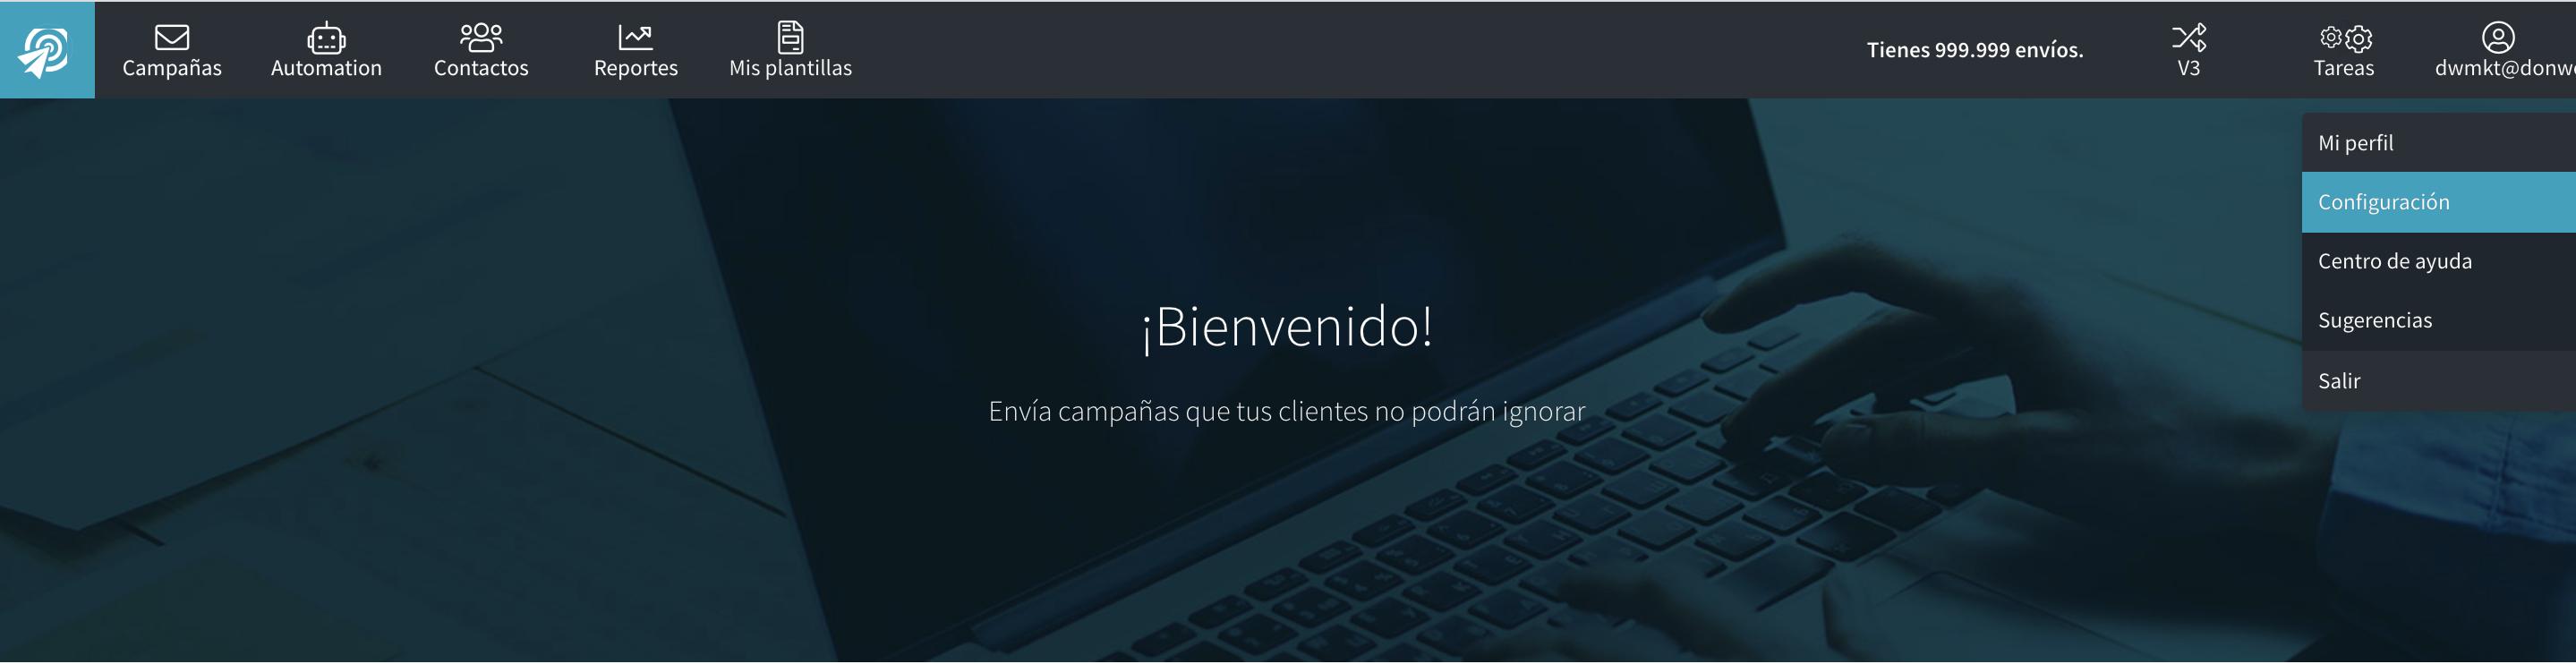 Configuración de EnvíaloSimple